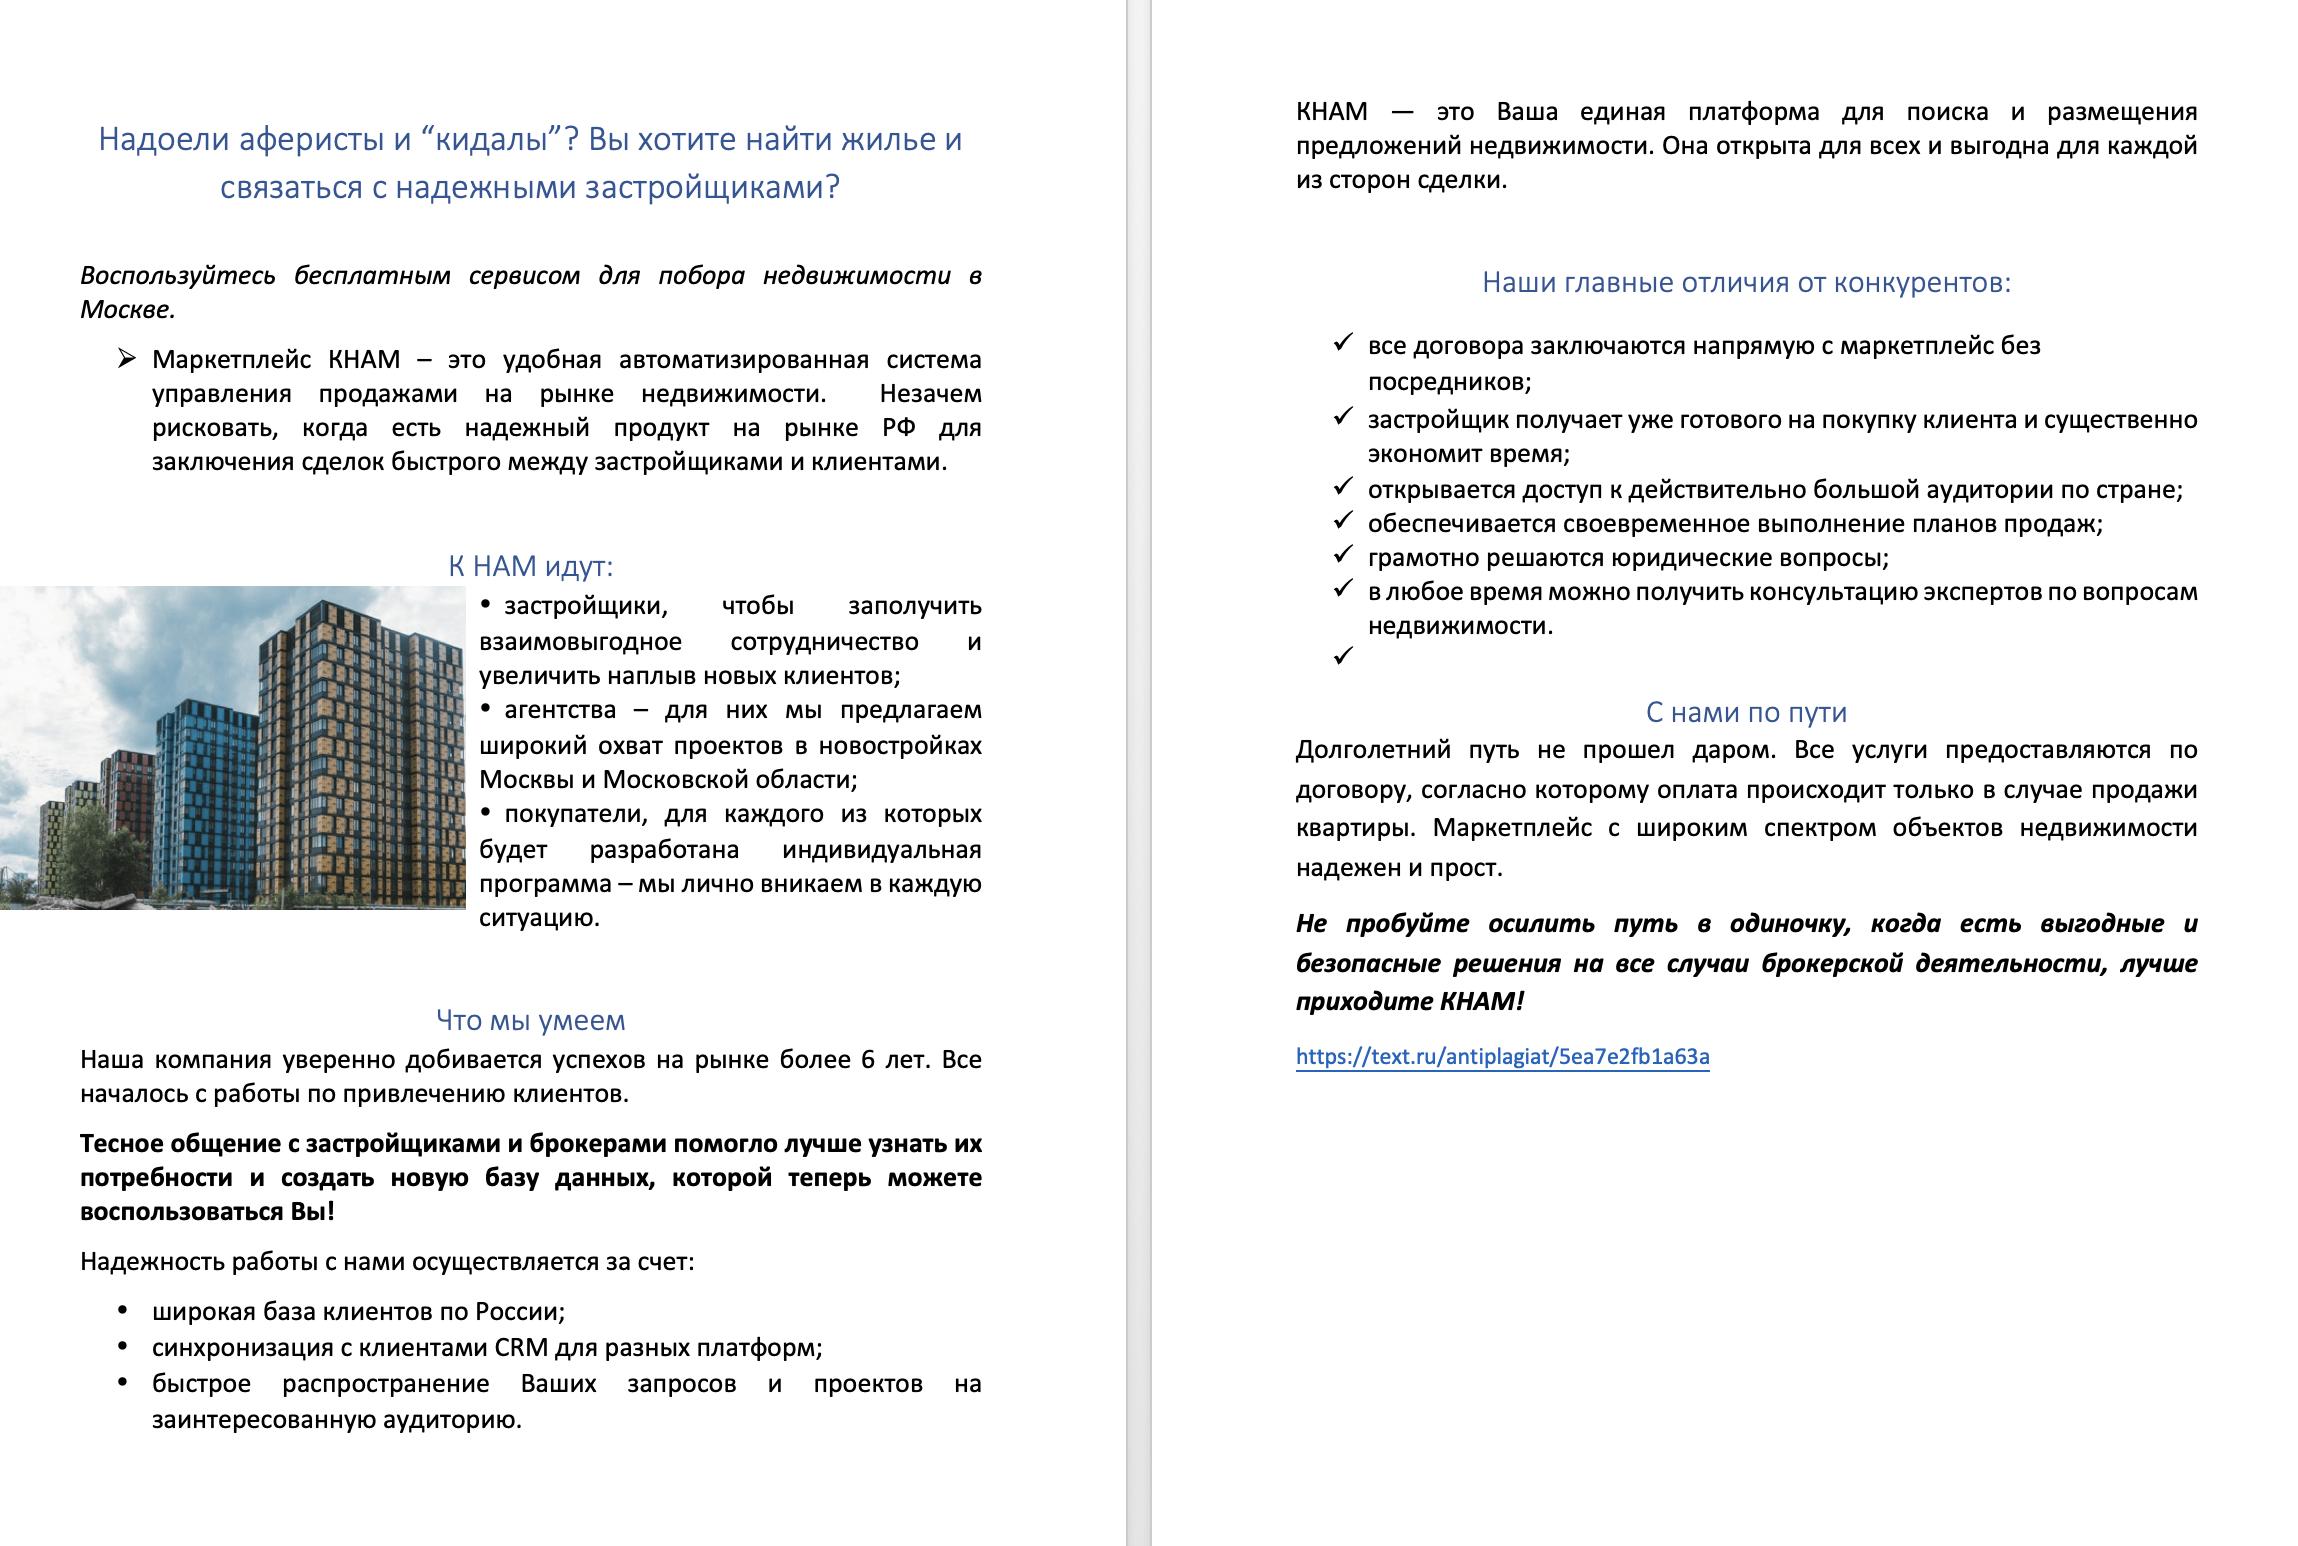 Пример презентации для компании #57